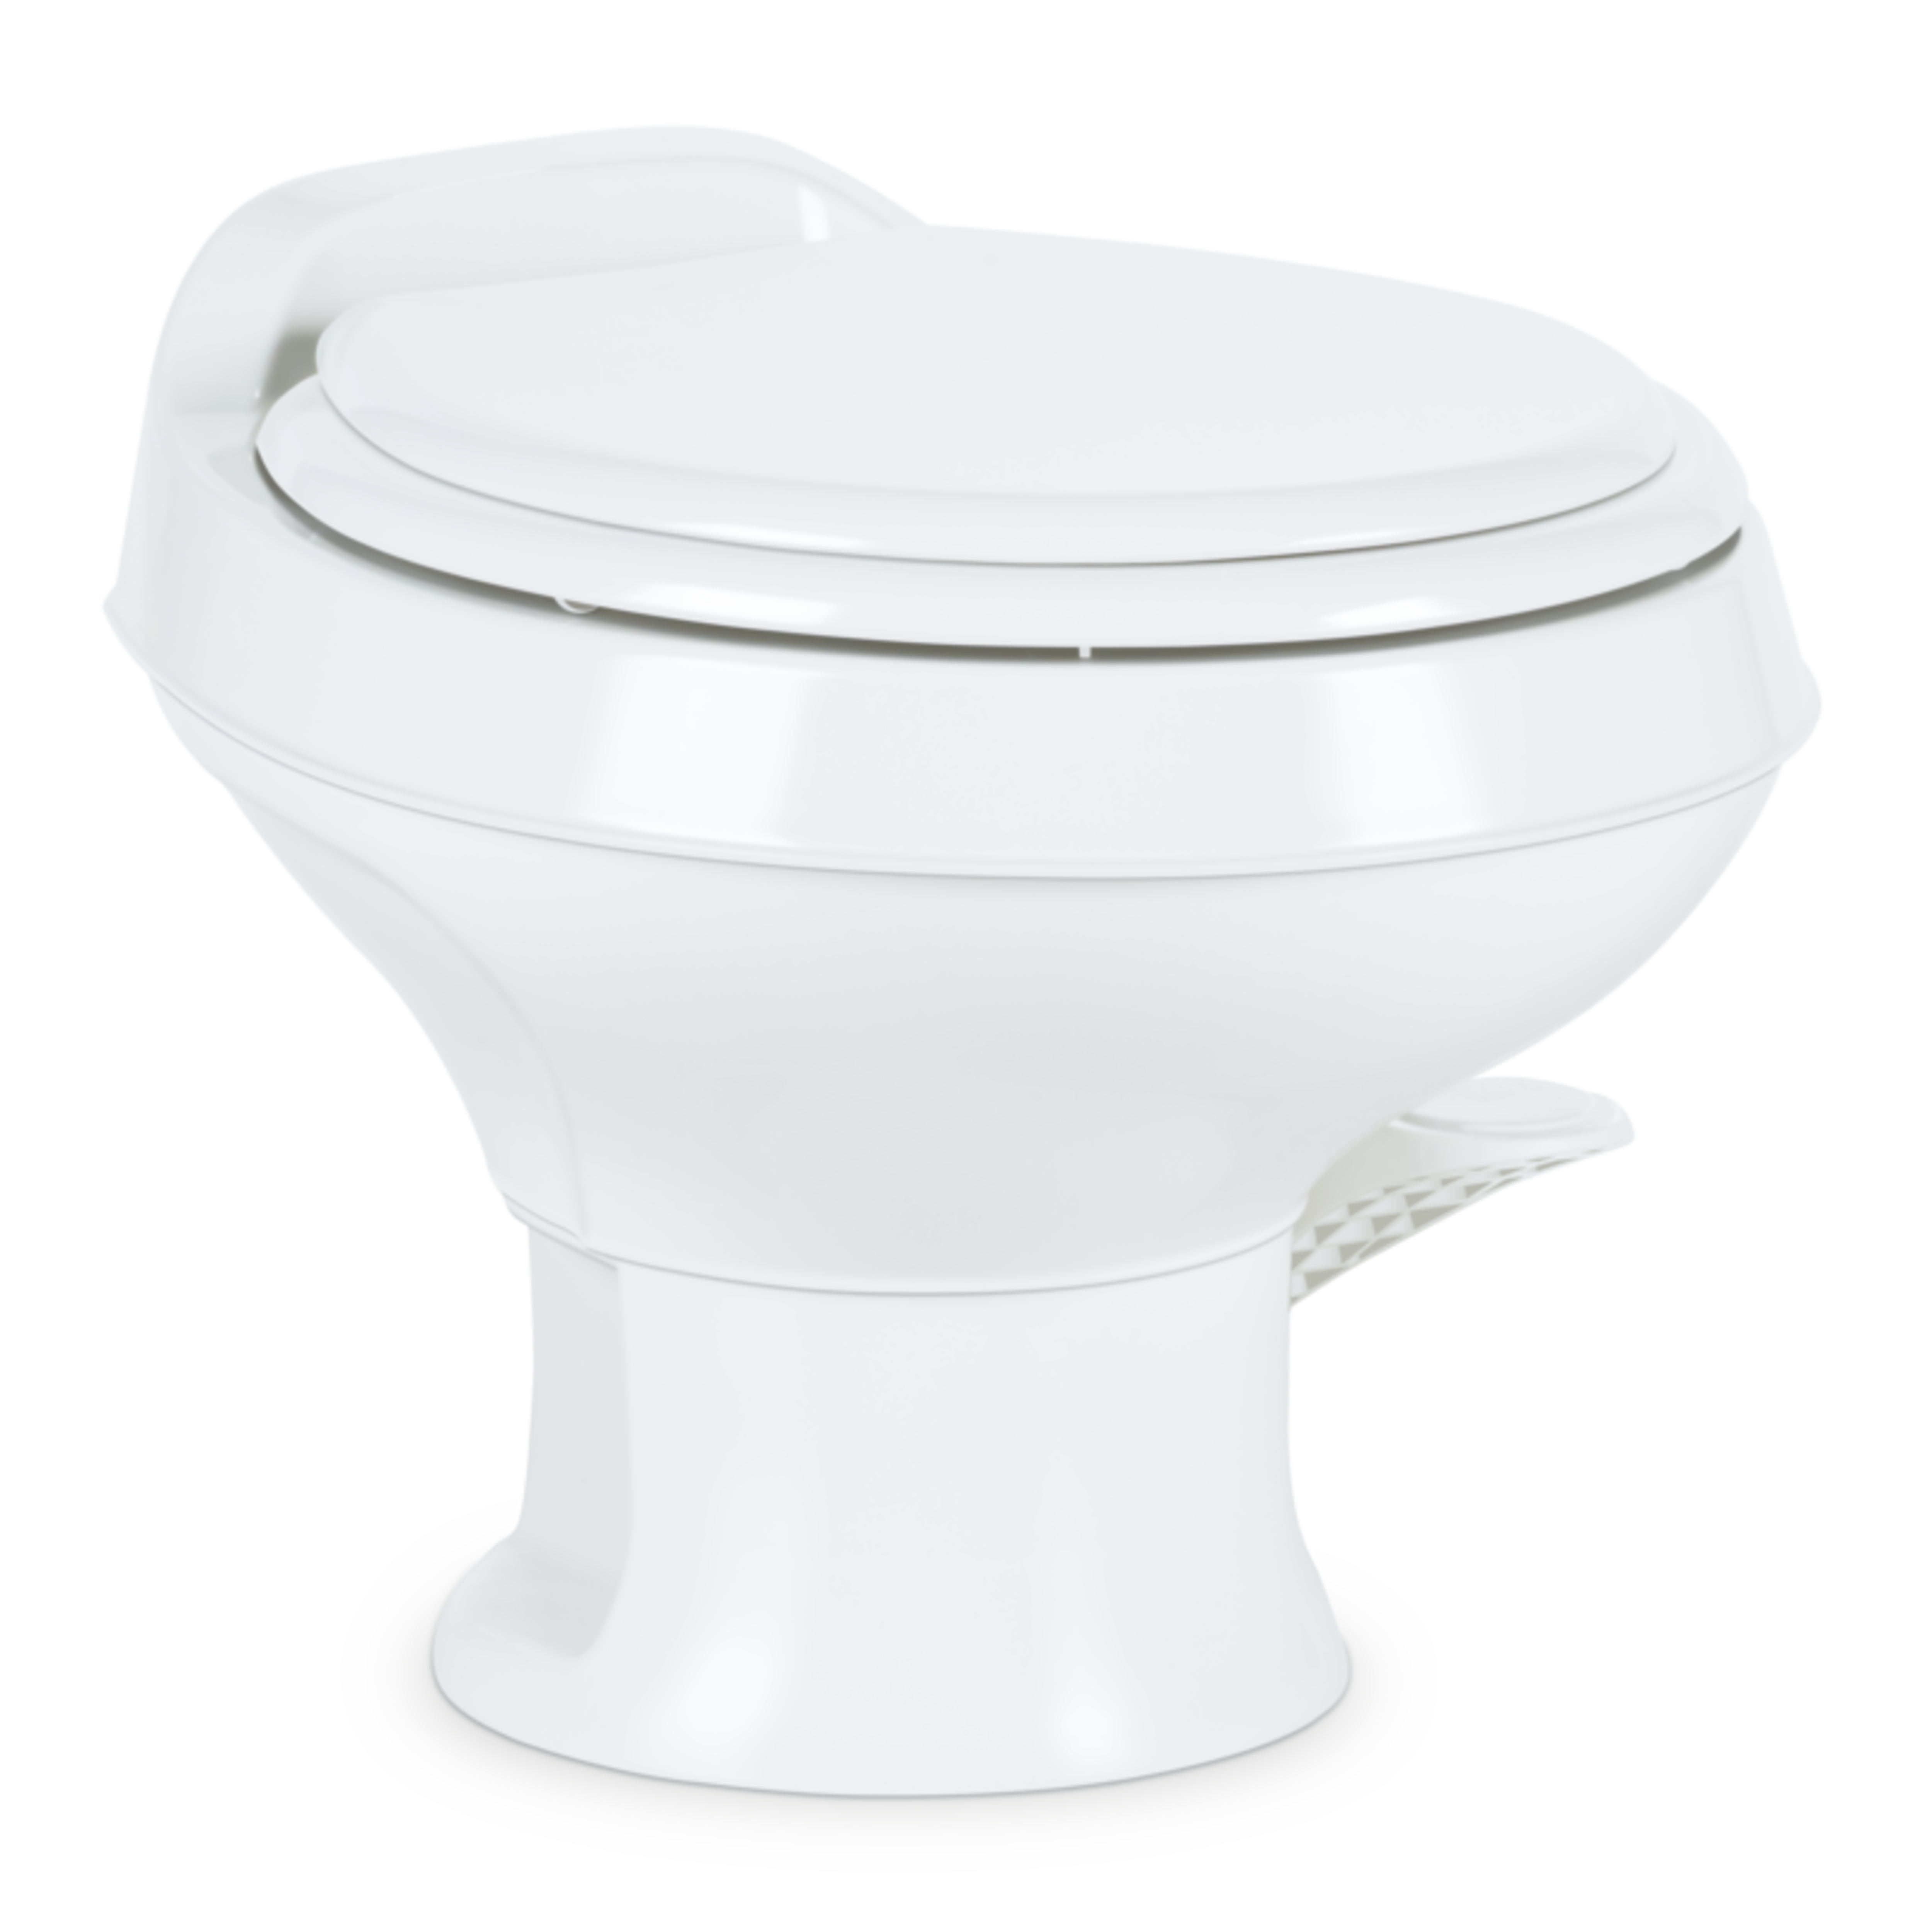 Dometic 300 Toilet